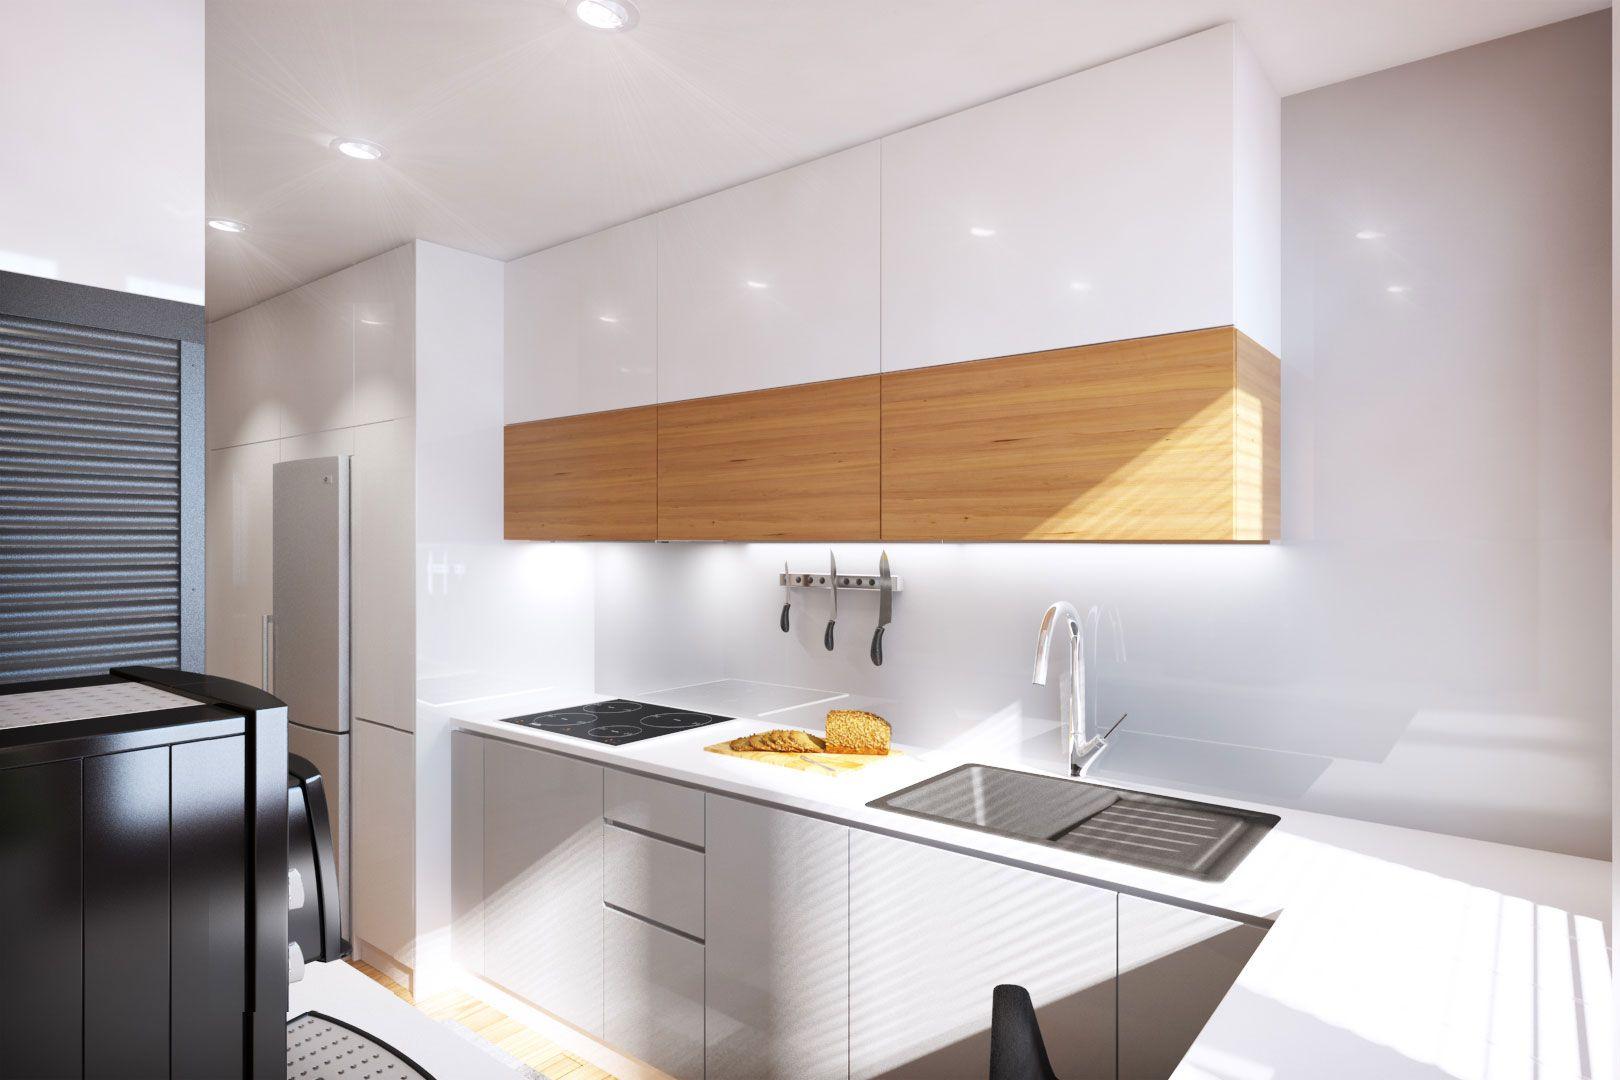 Diseño departamento pequeño 62 m², planos | Construye Hogar